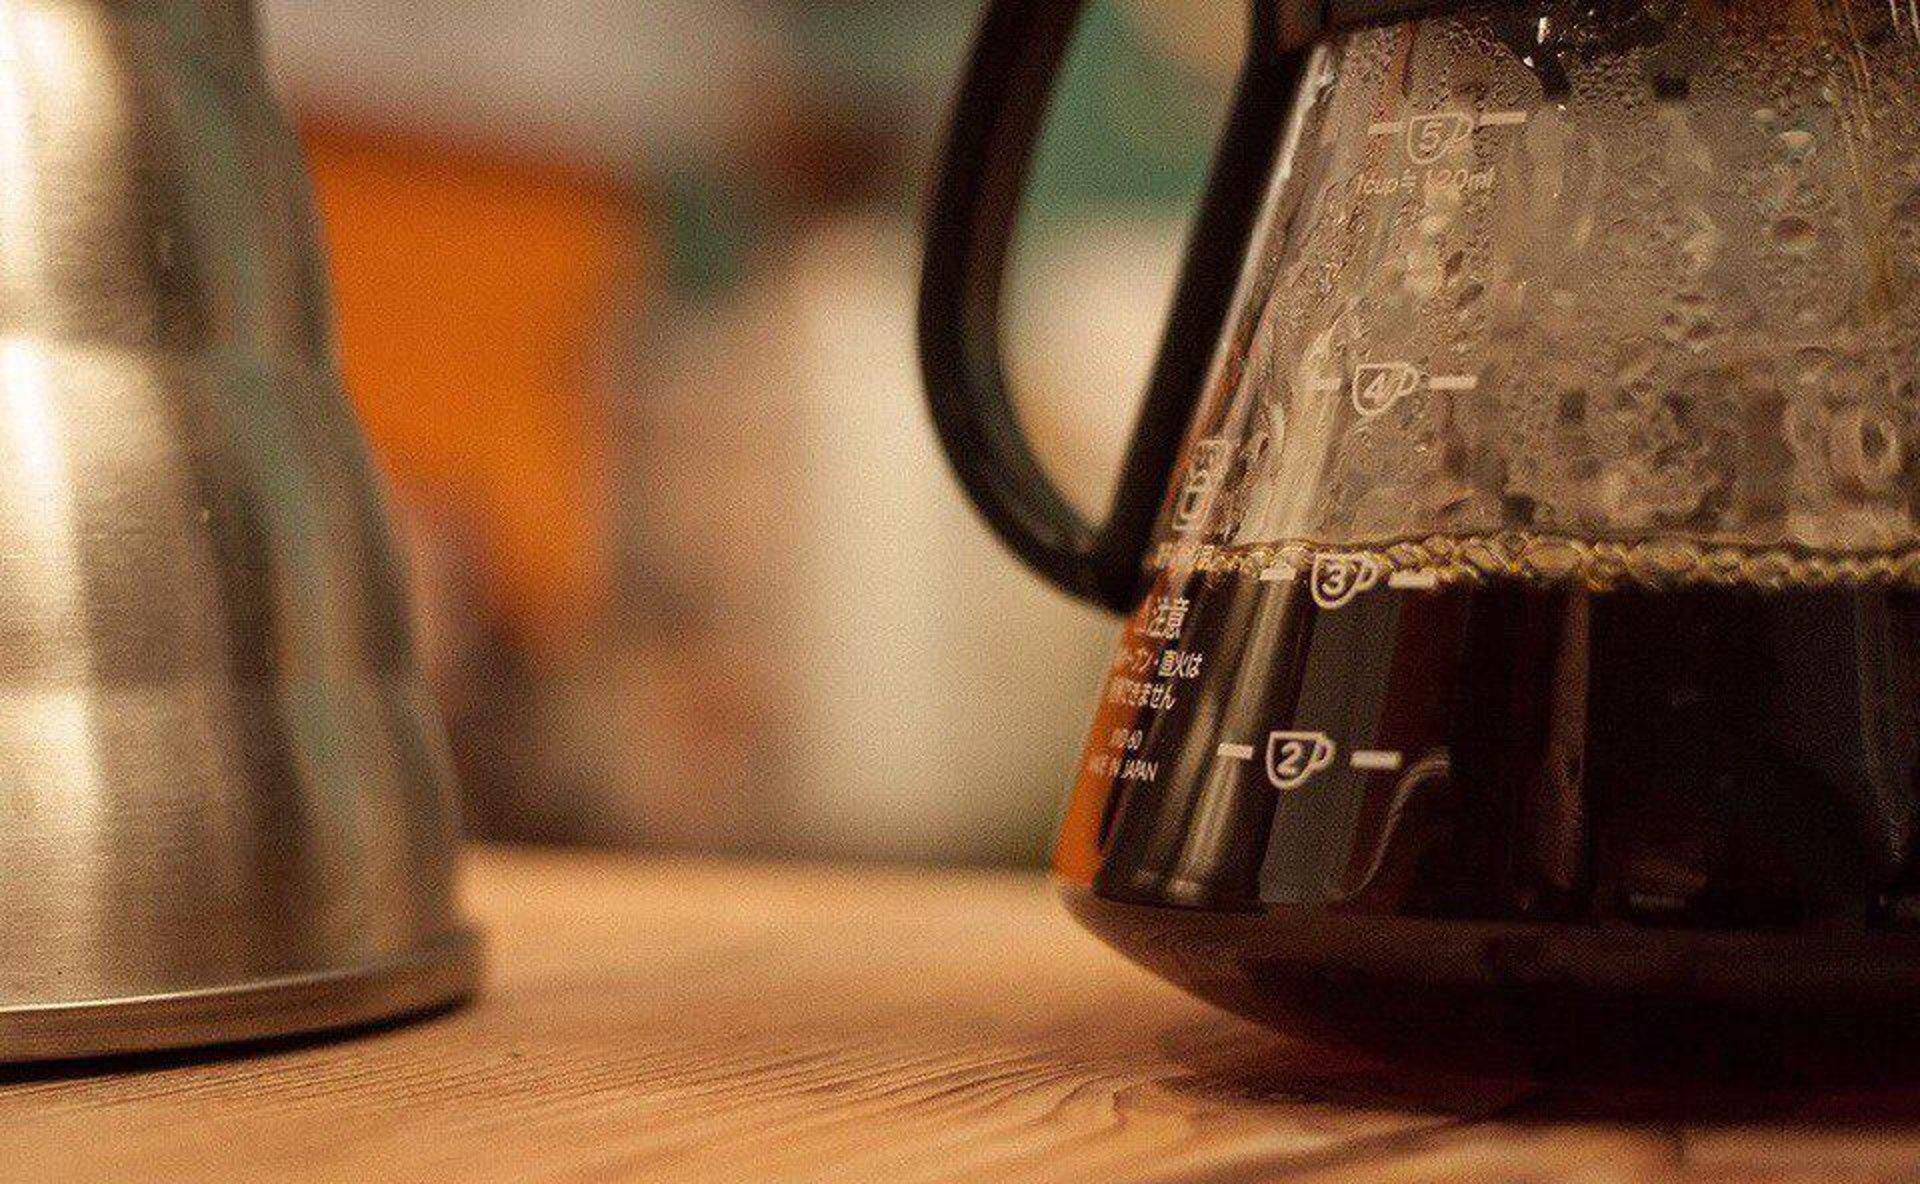 Идём на мастер-класс по альтернативному завариванию кофе